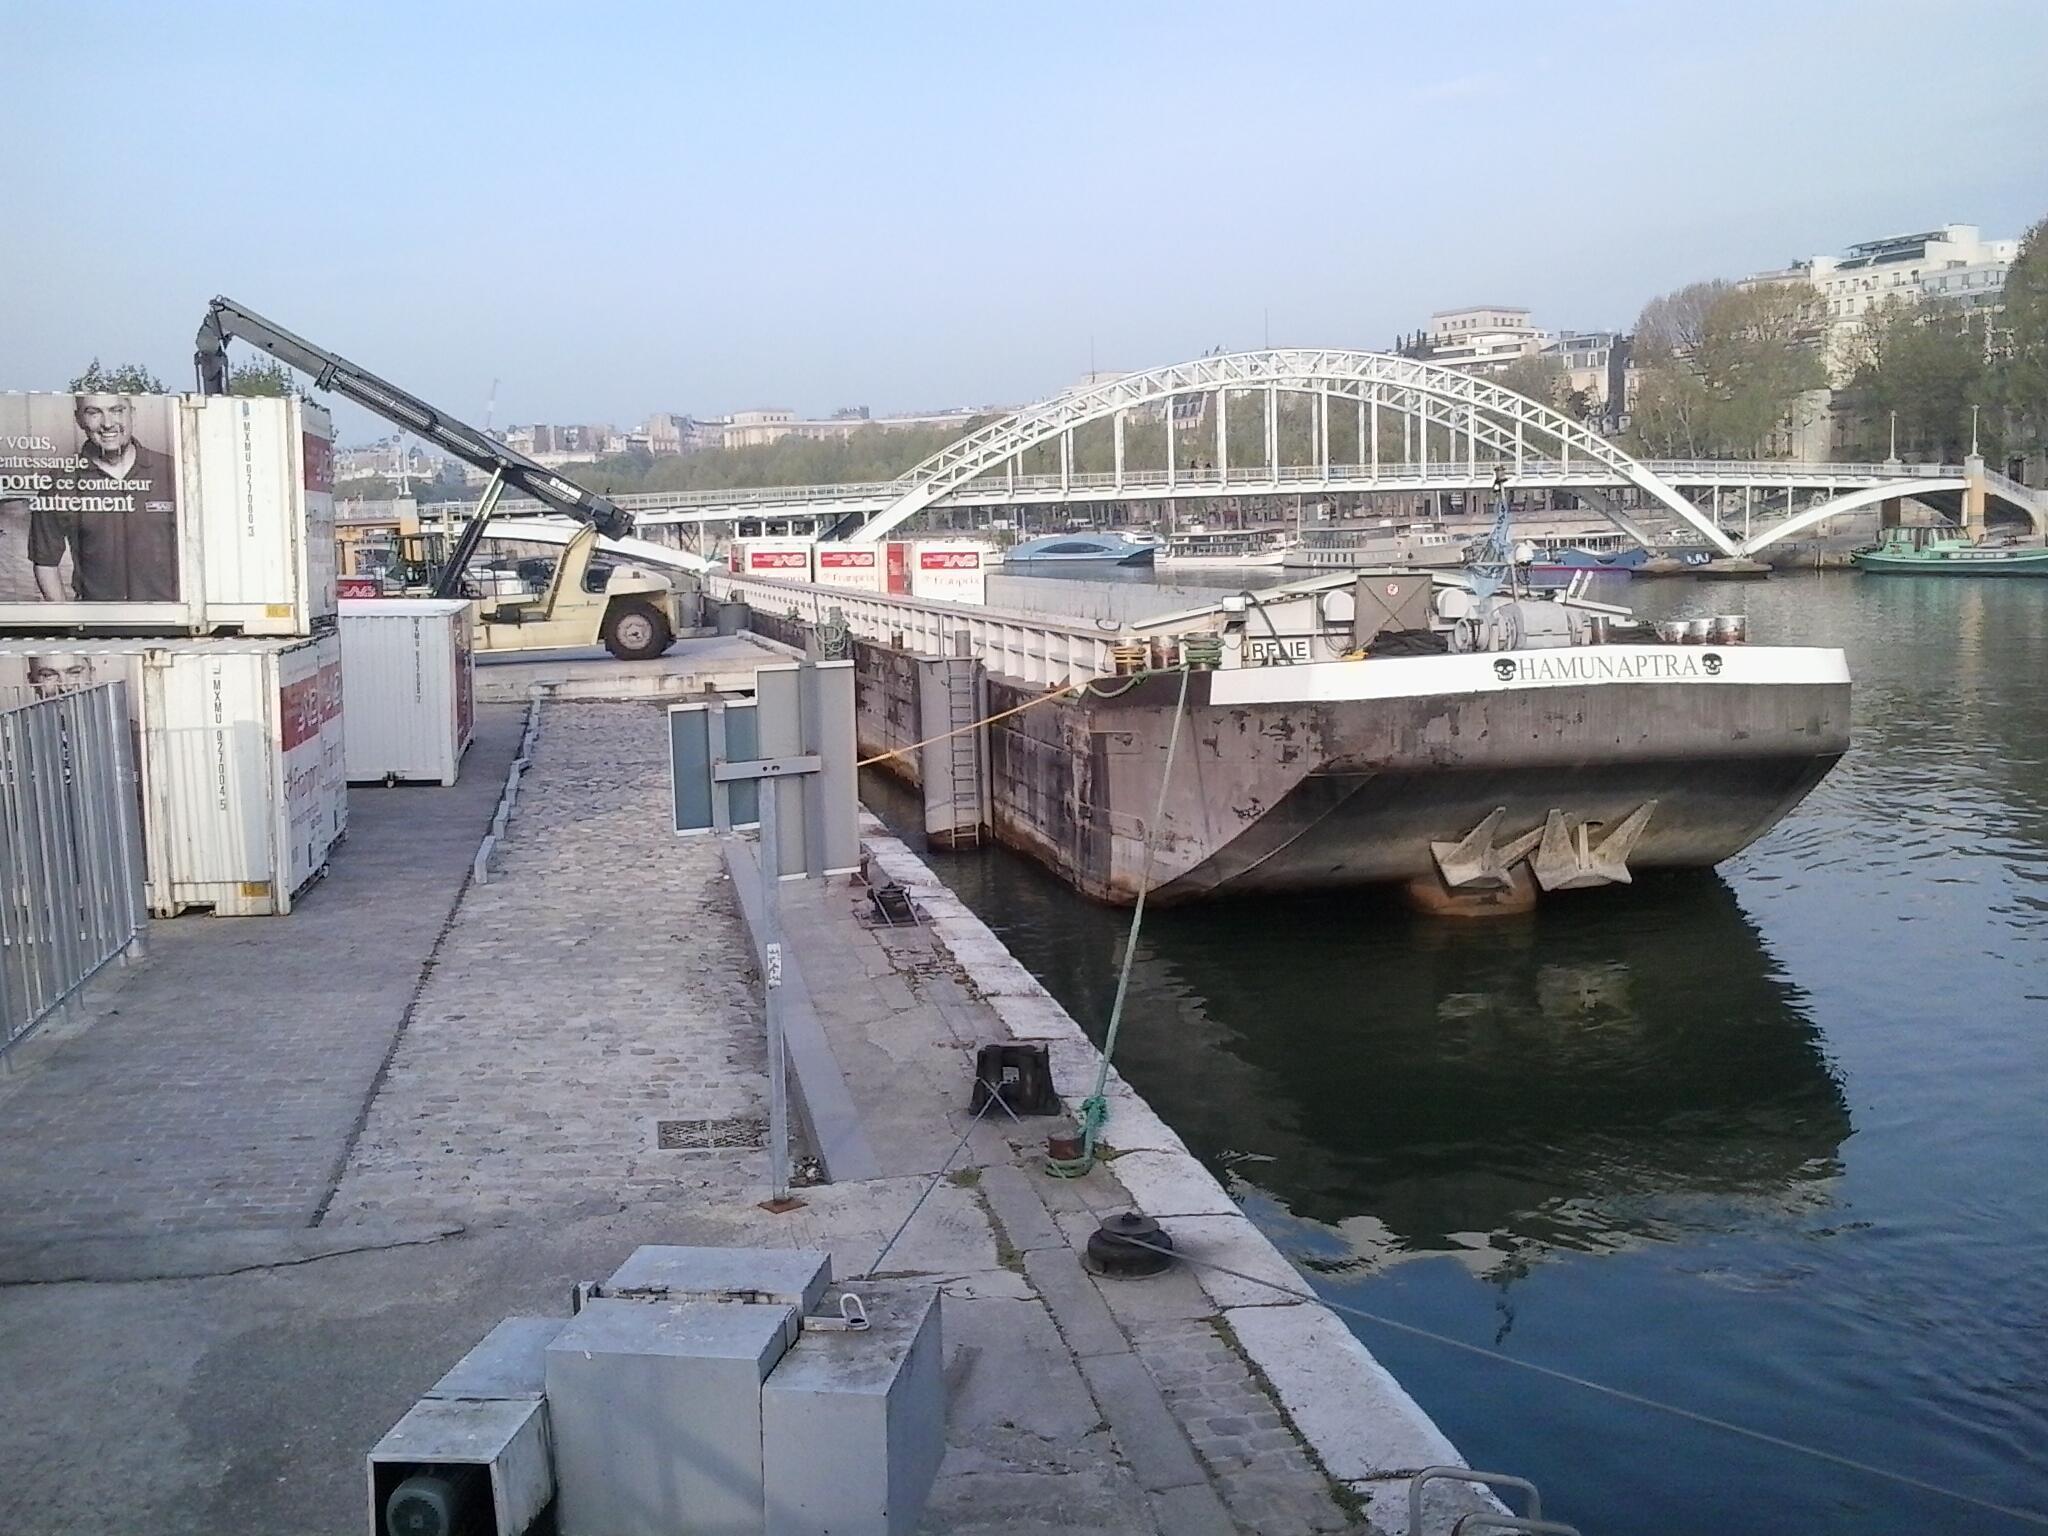 The barge carrying containers for Franprix at the Quai de la Bourdonnais, Paris.